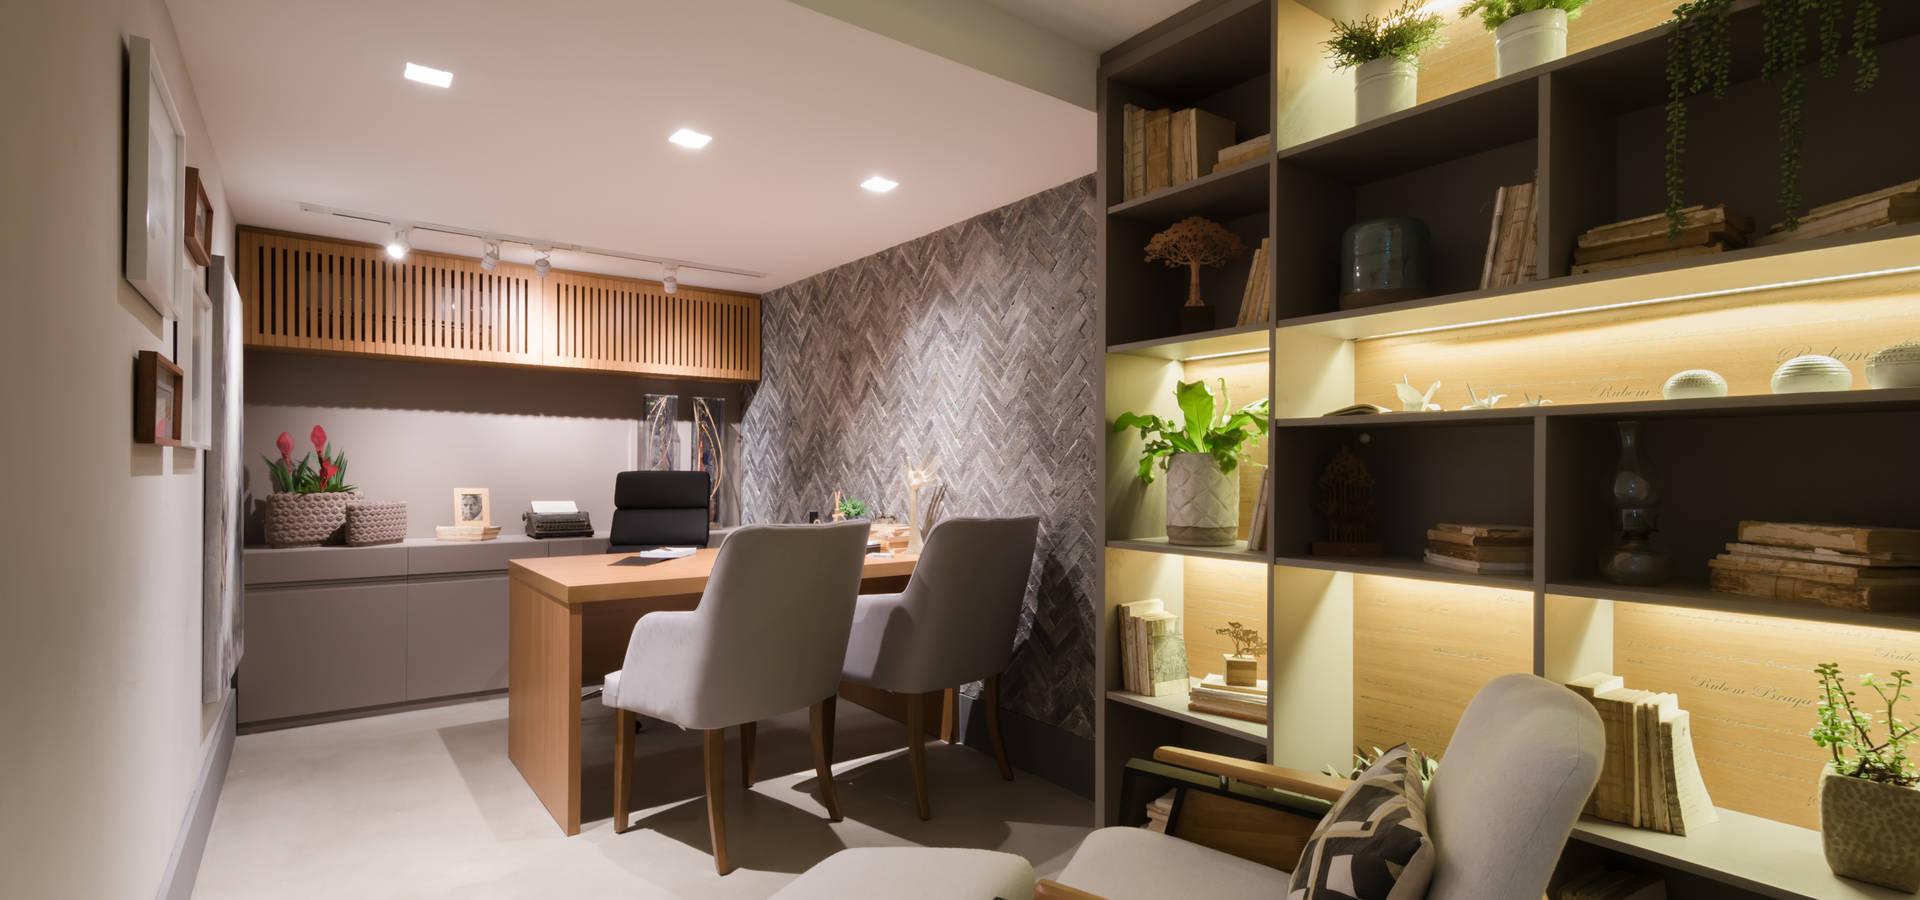 IG Arquitetura e Interiores